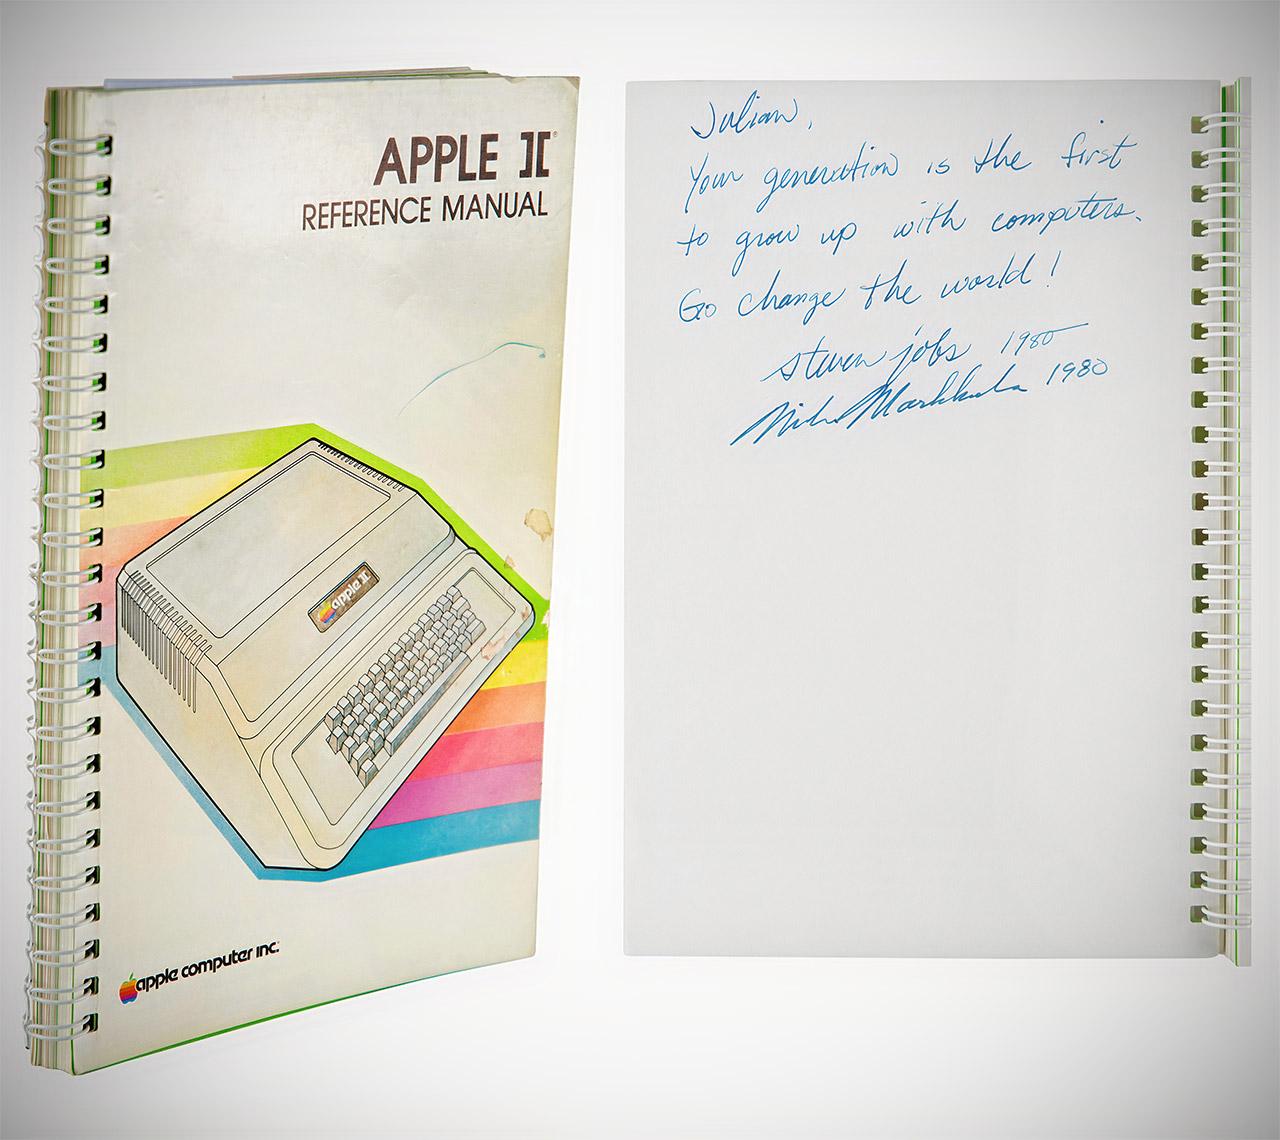 Steve Jobs Mark Markkula Signed Apple II Manual